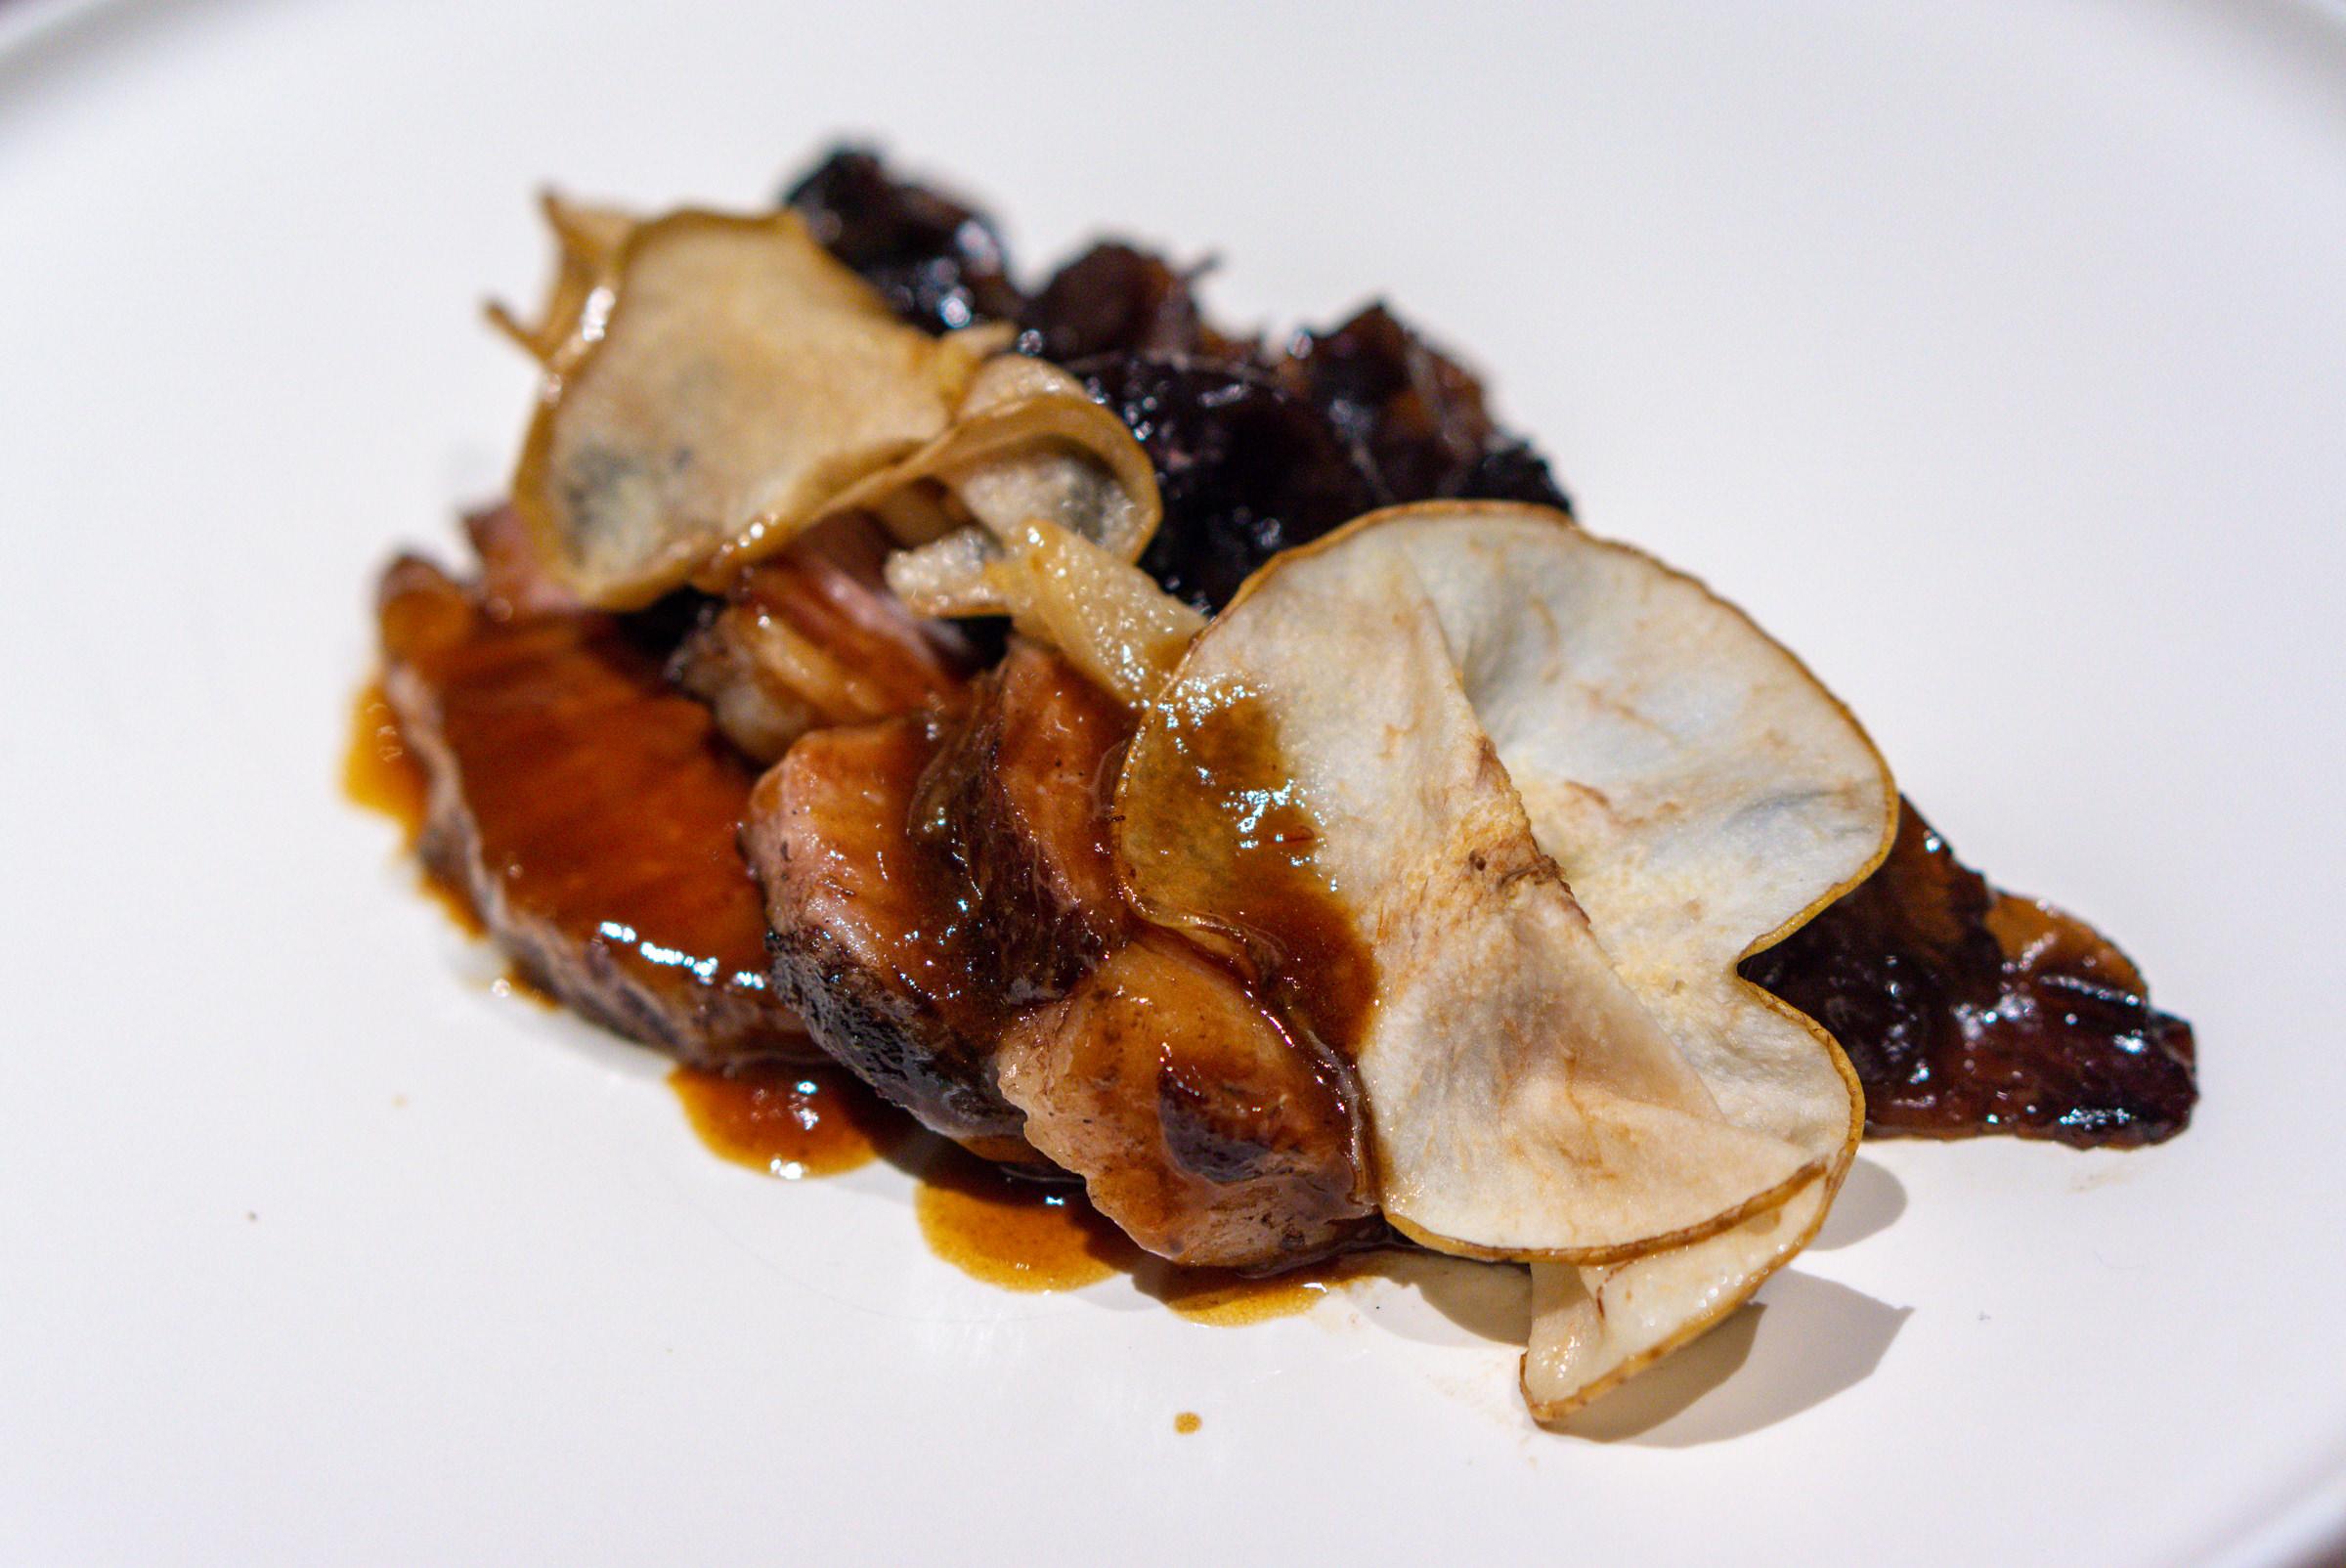 Restaurant Ibid, Woo Wai Leong - Beef Short Rib